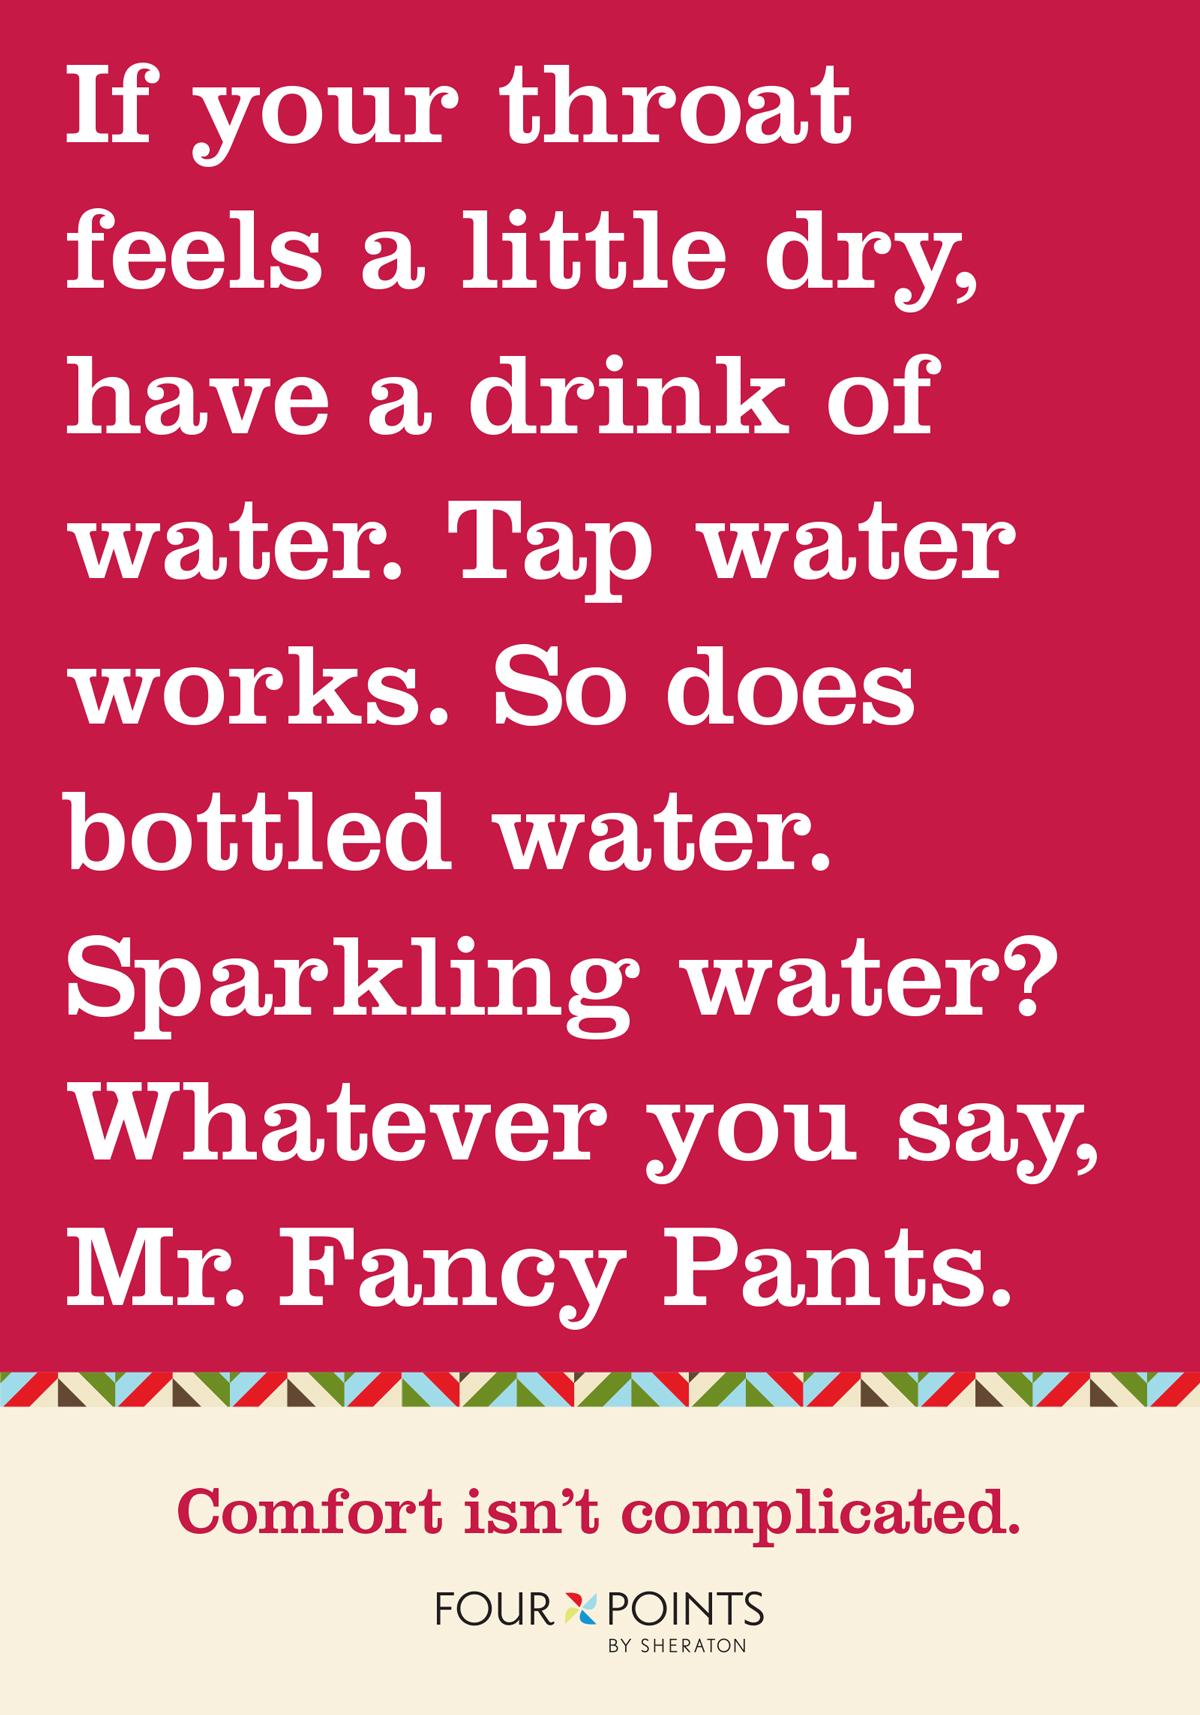 FP_water.jpg